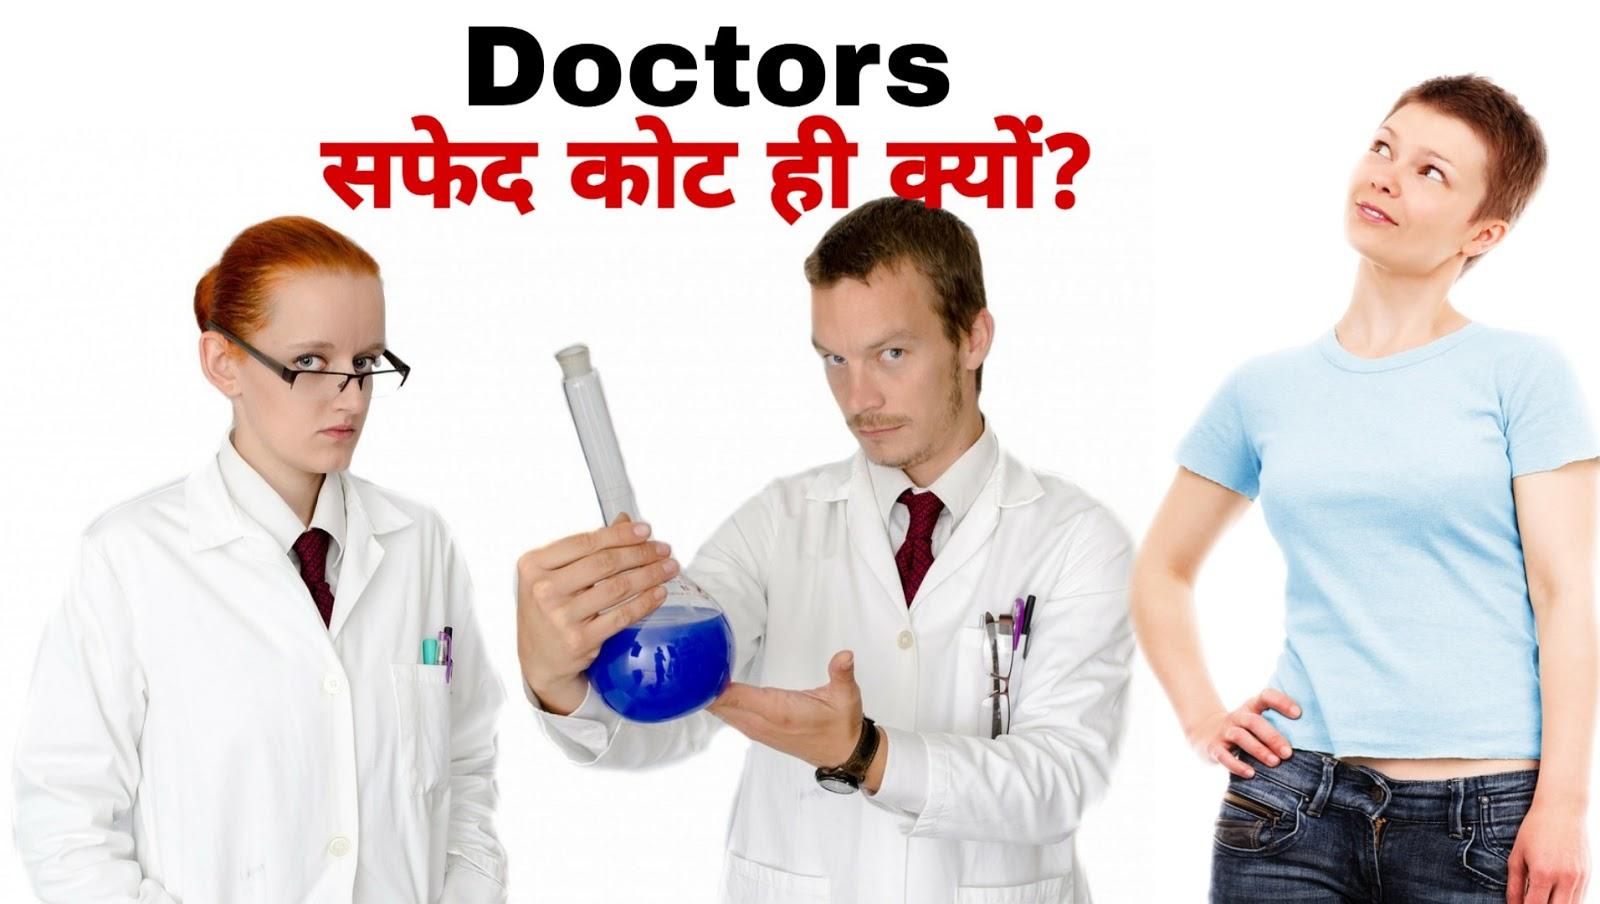 डॉक्टर सफ़ेद कोट ही क्यूँ पहेनते है? - Why Doctors were white coats?